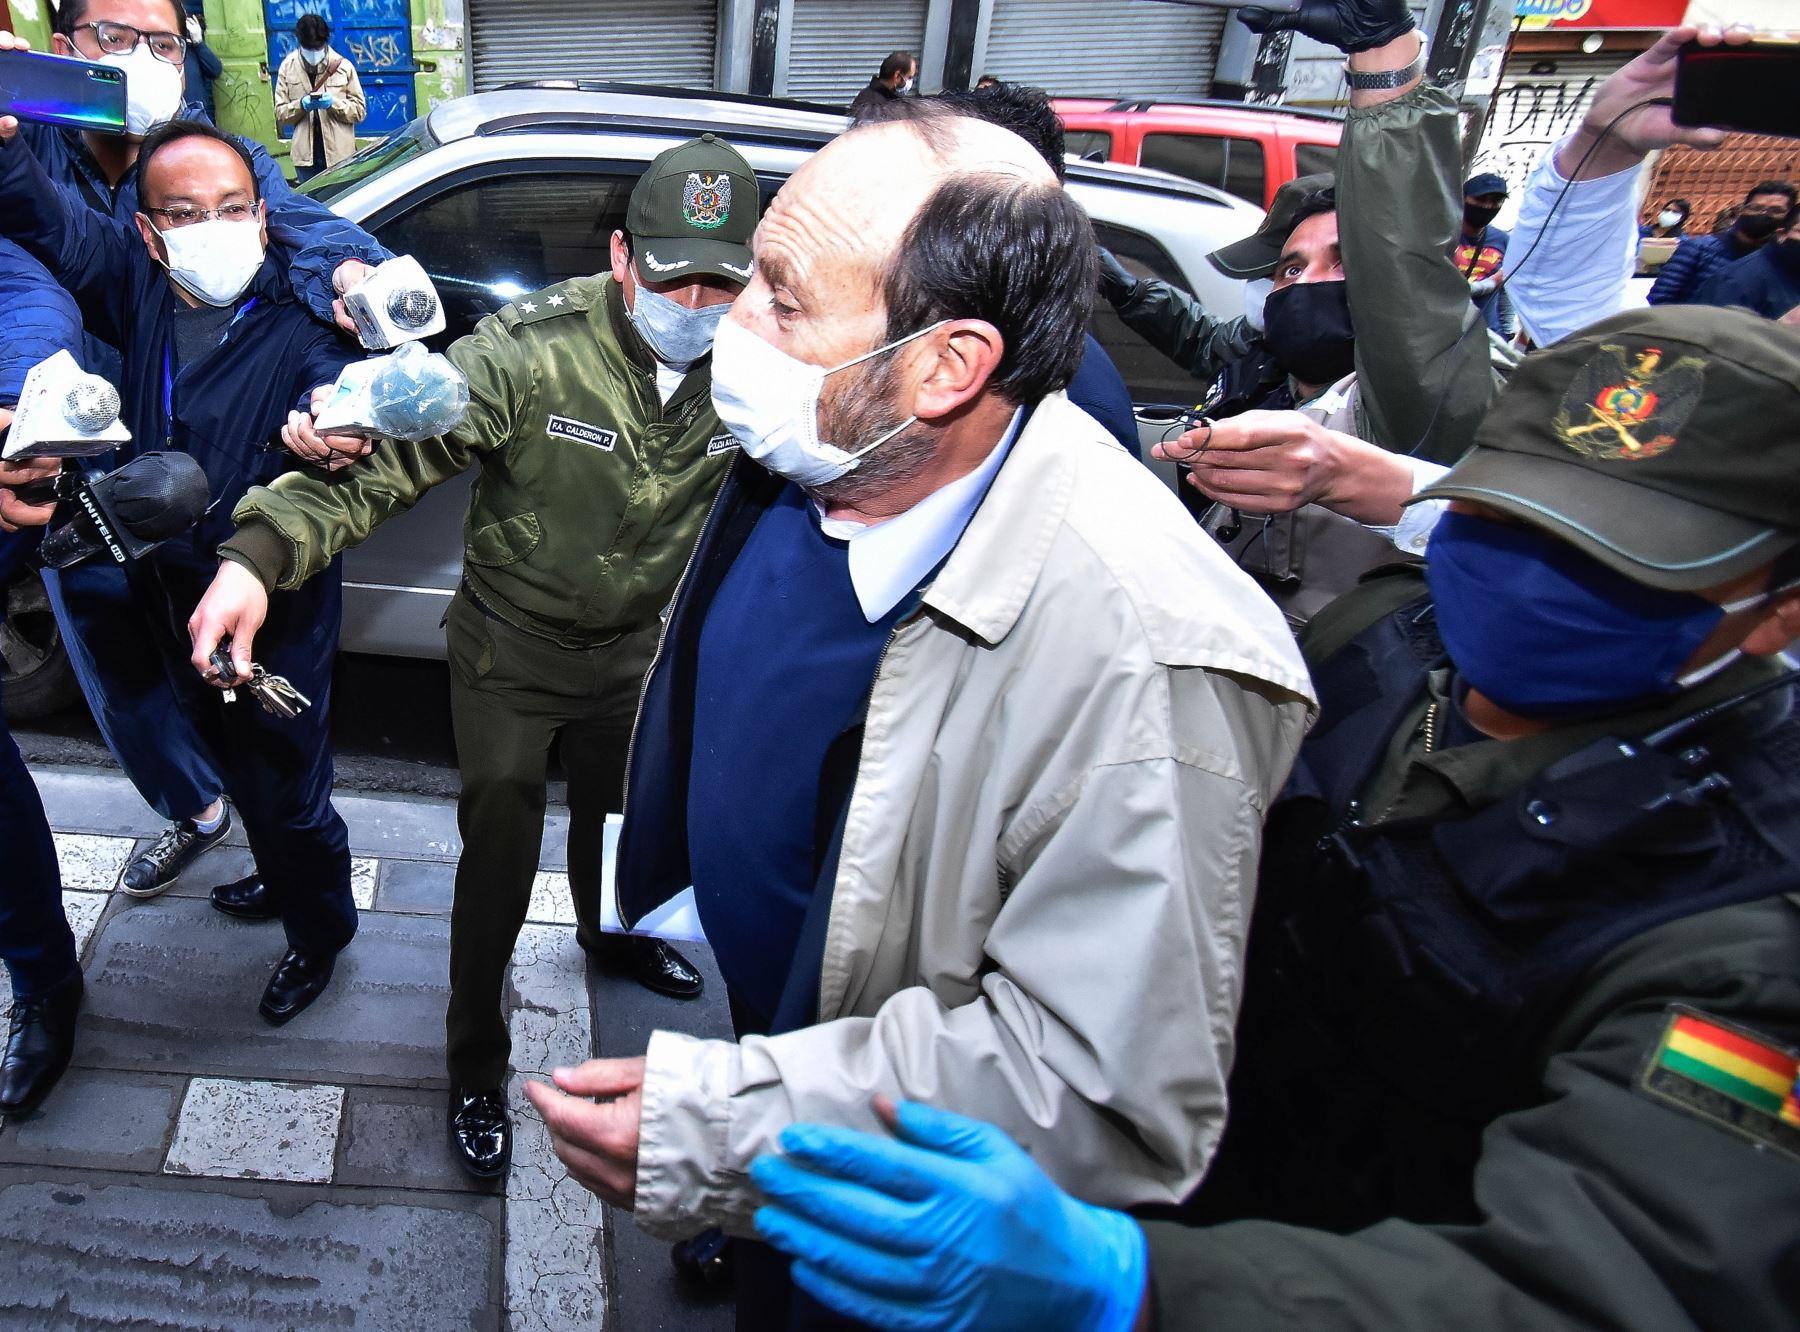 El exminsitro de Salud Marcelo Navajas (c), es llevado a su audiencia cautelar por supuesta participación en el proceso de contratación para la compra de respiradores en España. Foto: EFE